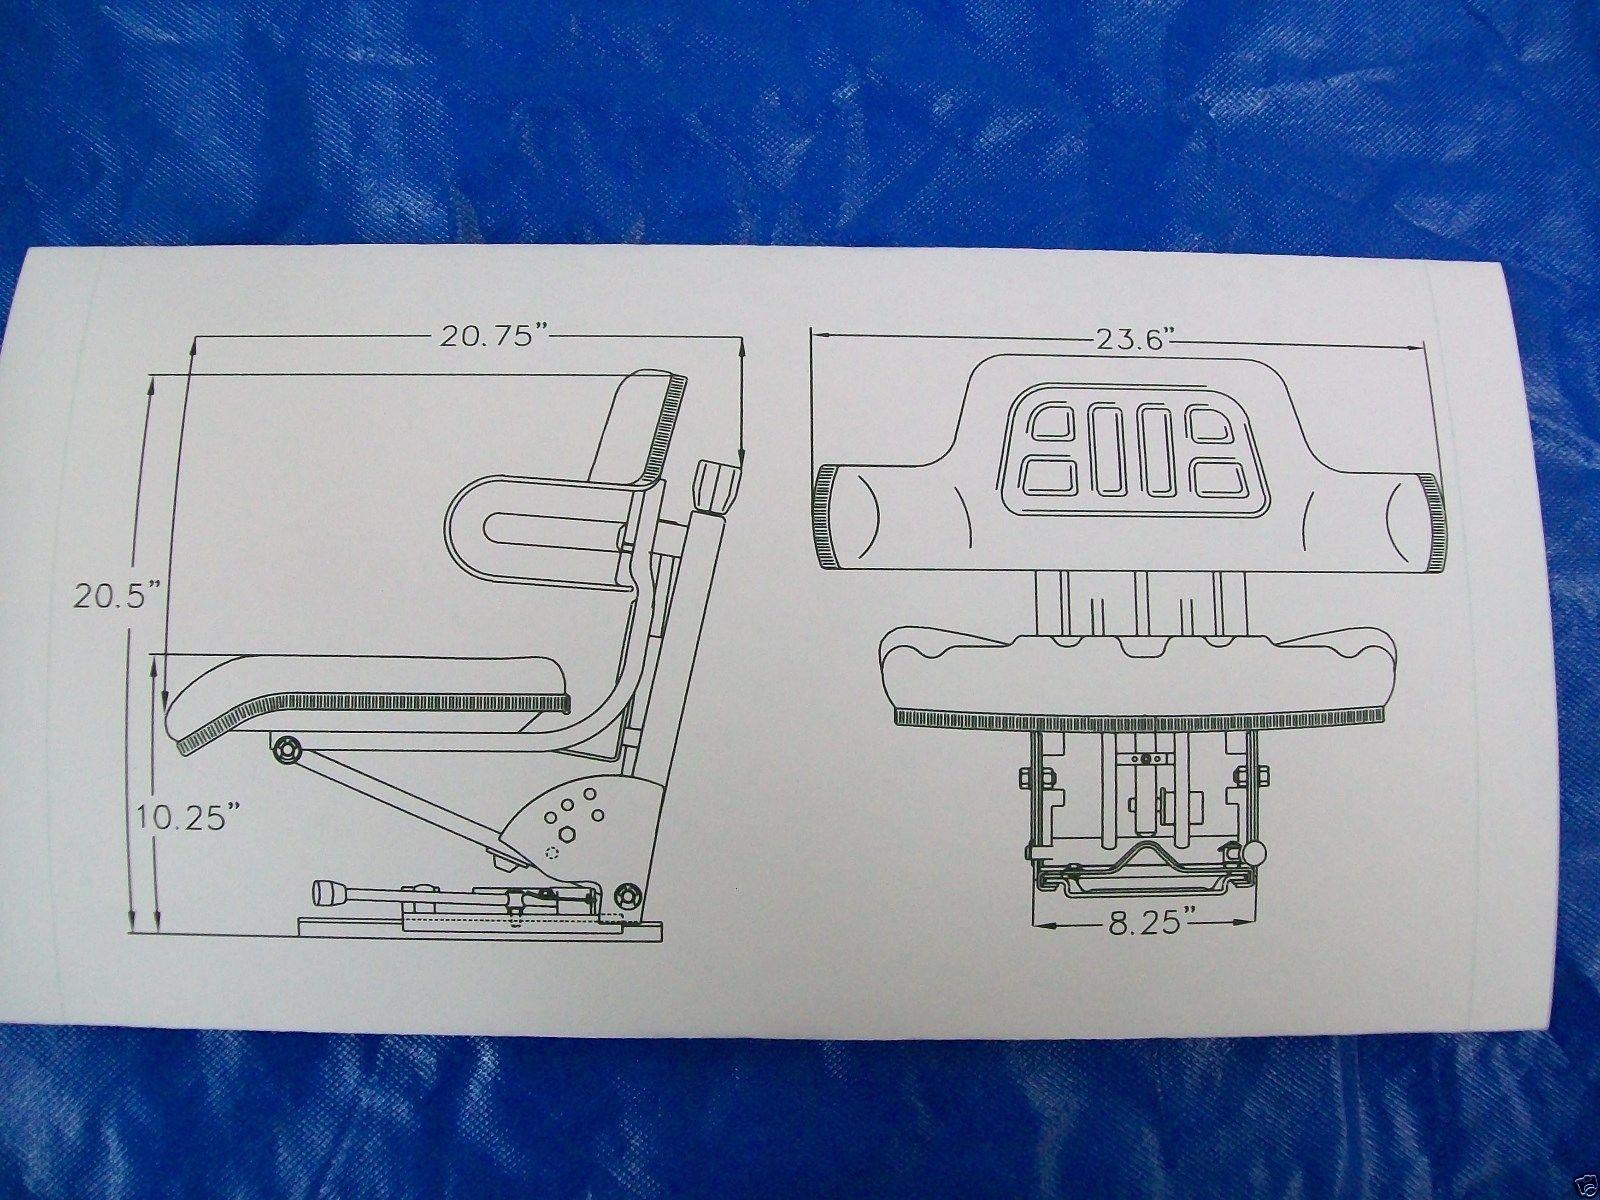 2000 John Deere 4600 Wiring Diagram Not Lossing 2320 Images Gallery